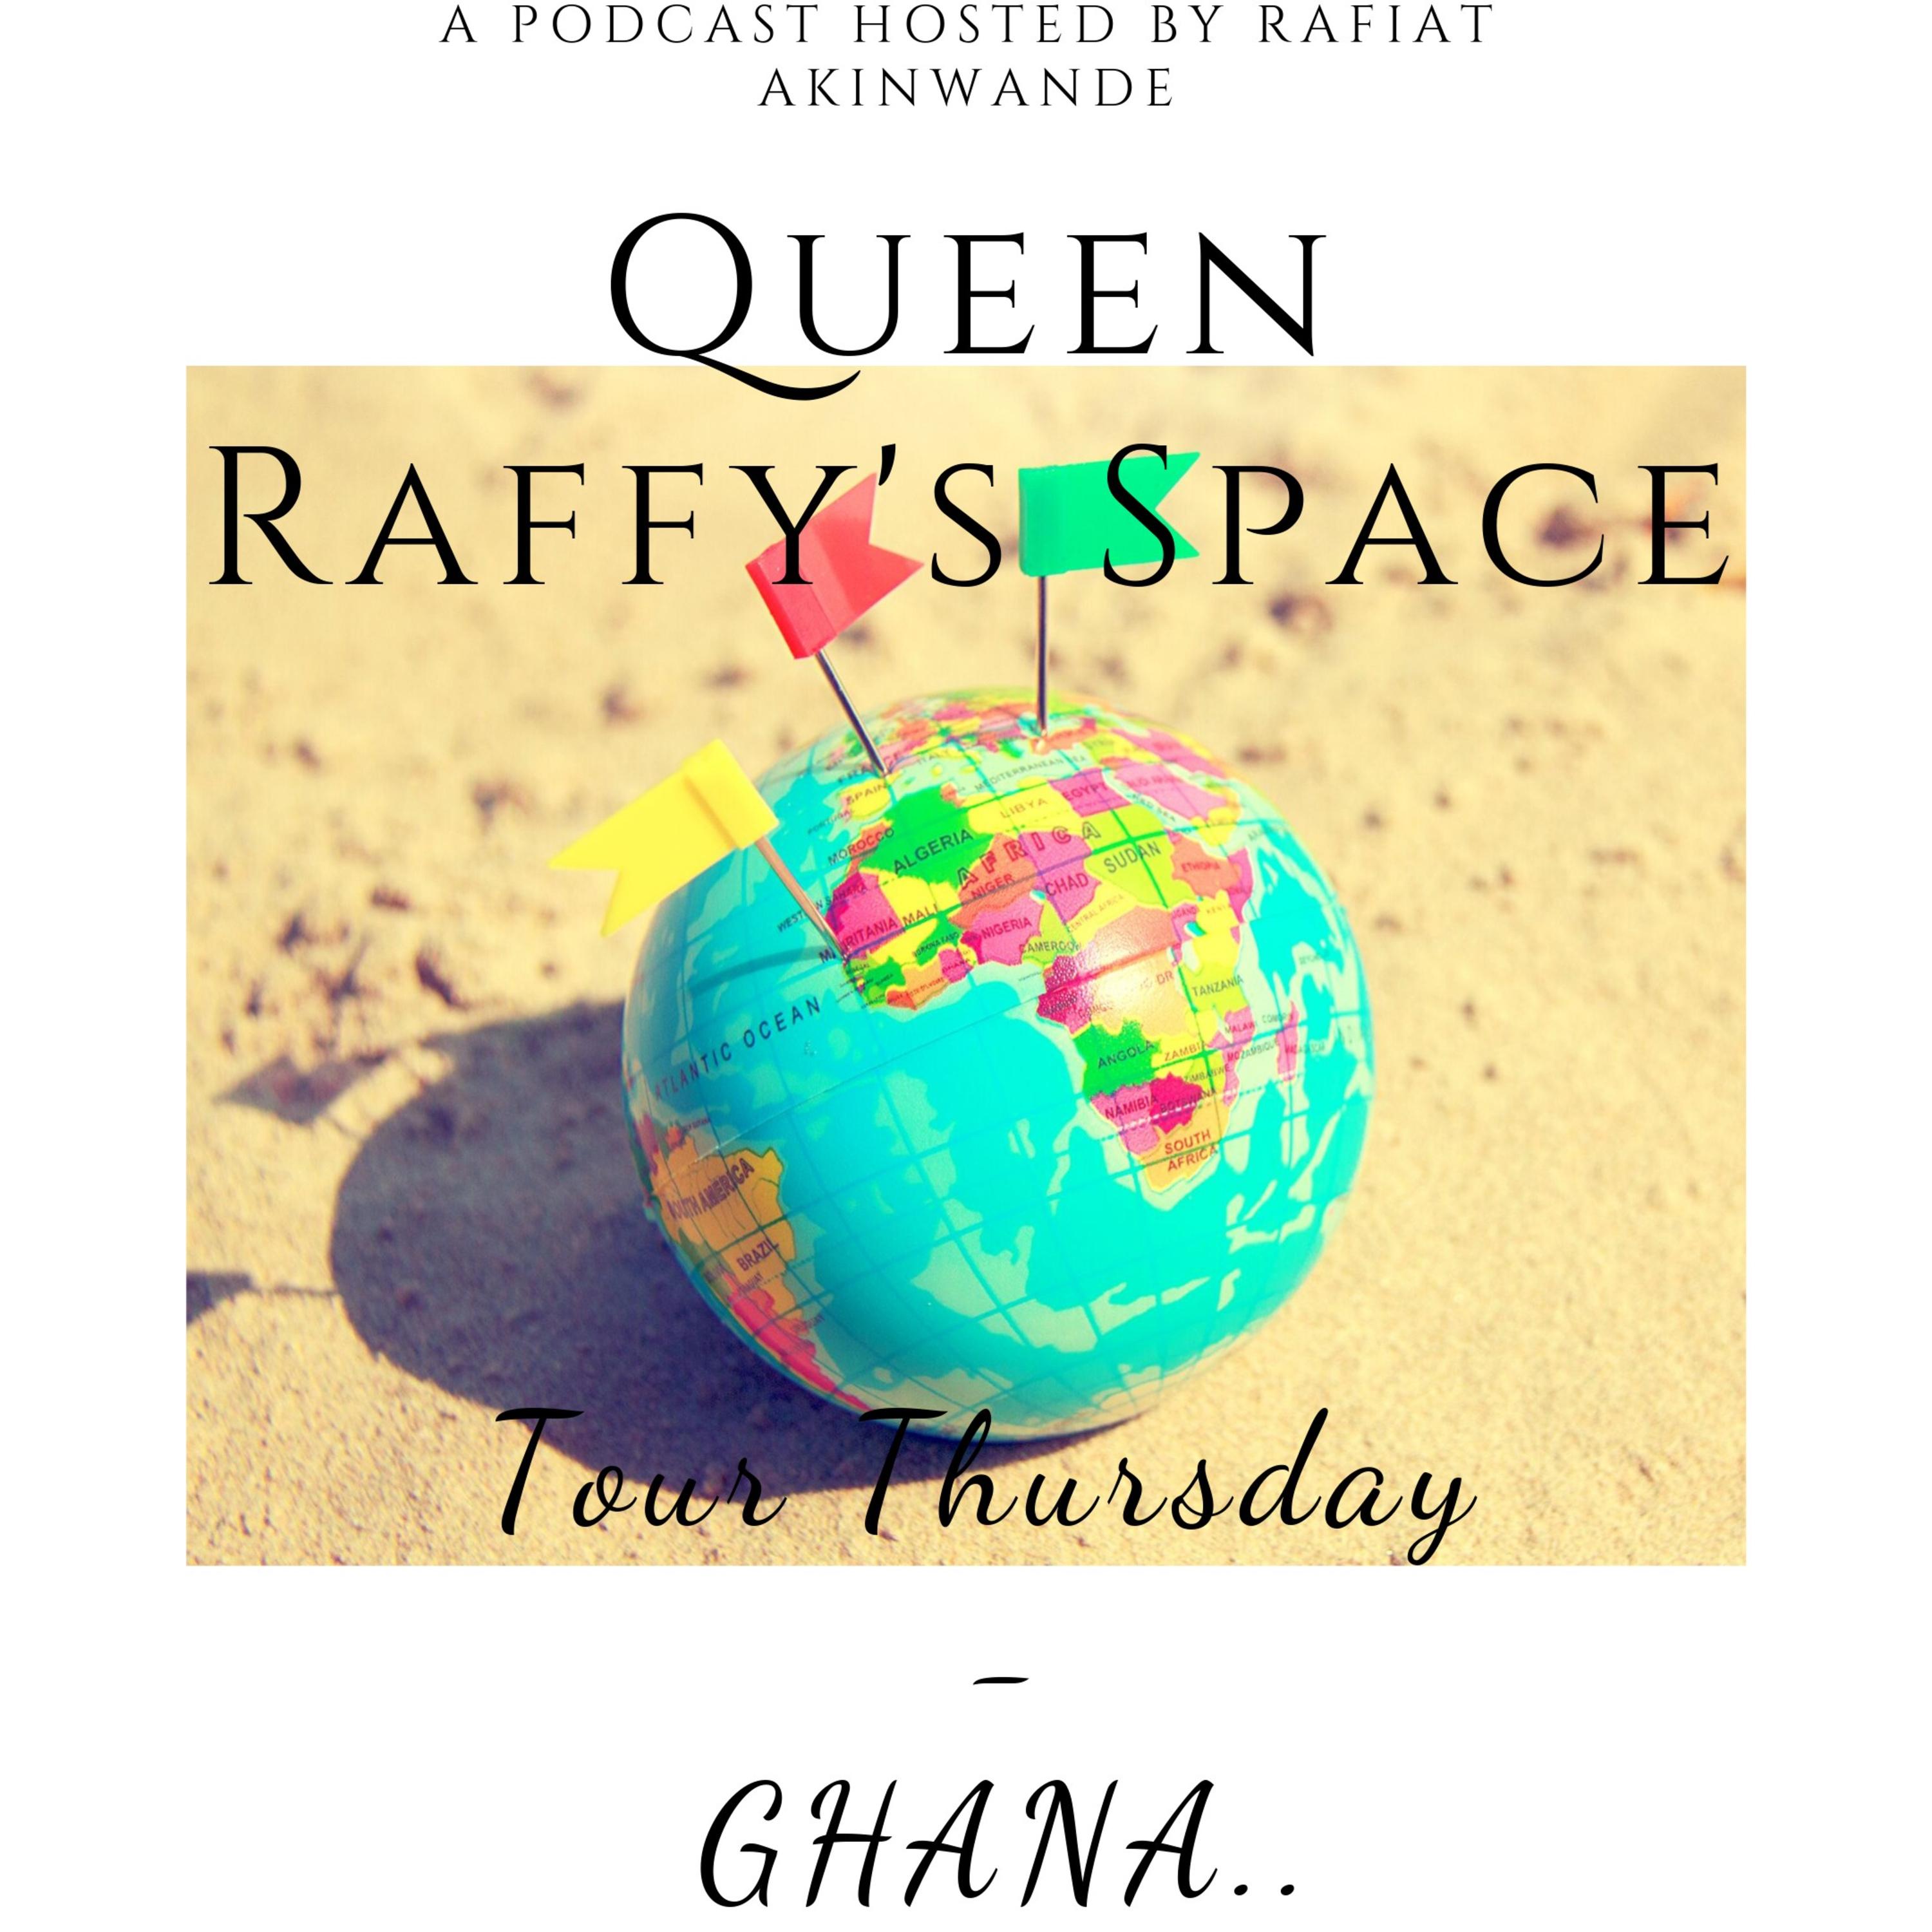 Queen Raffy's Space on Jamit